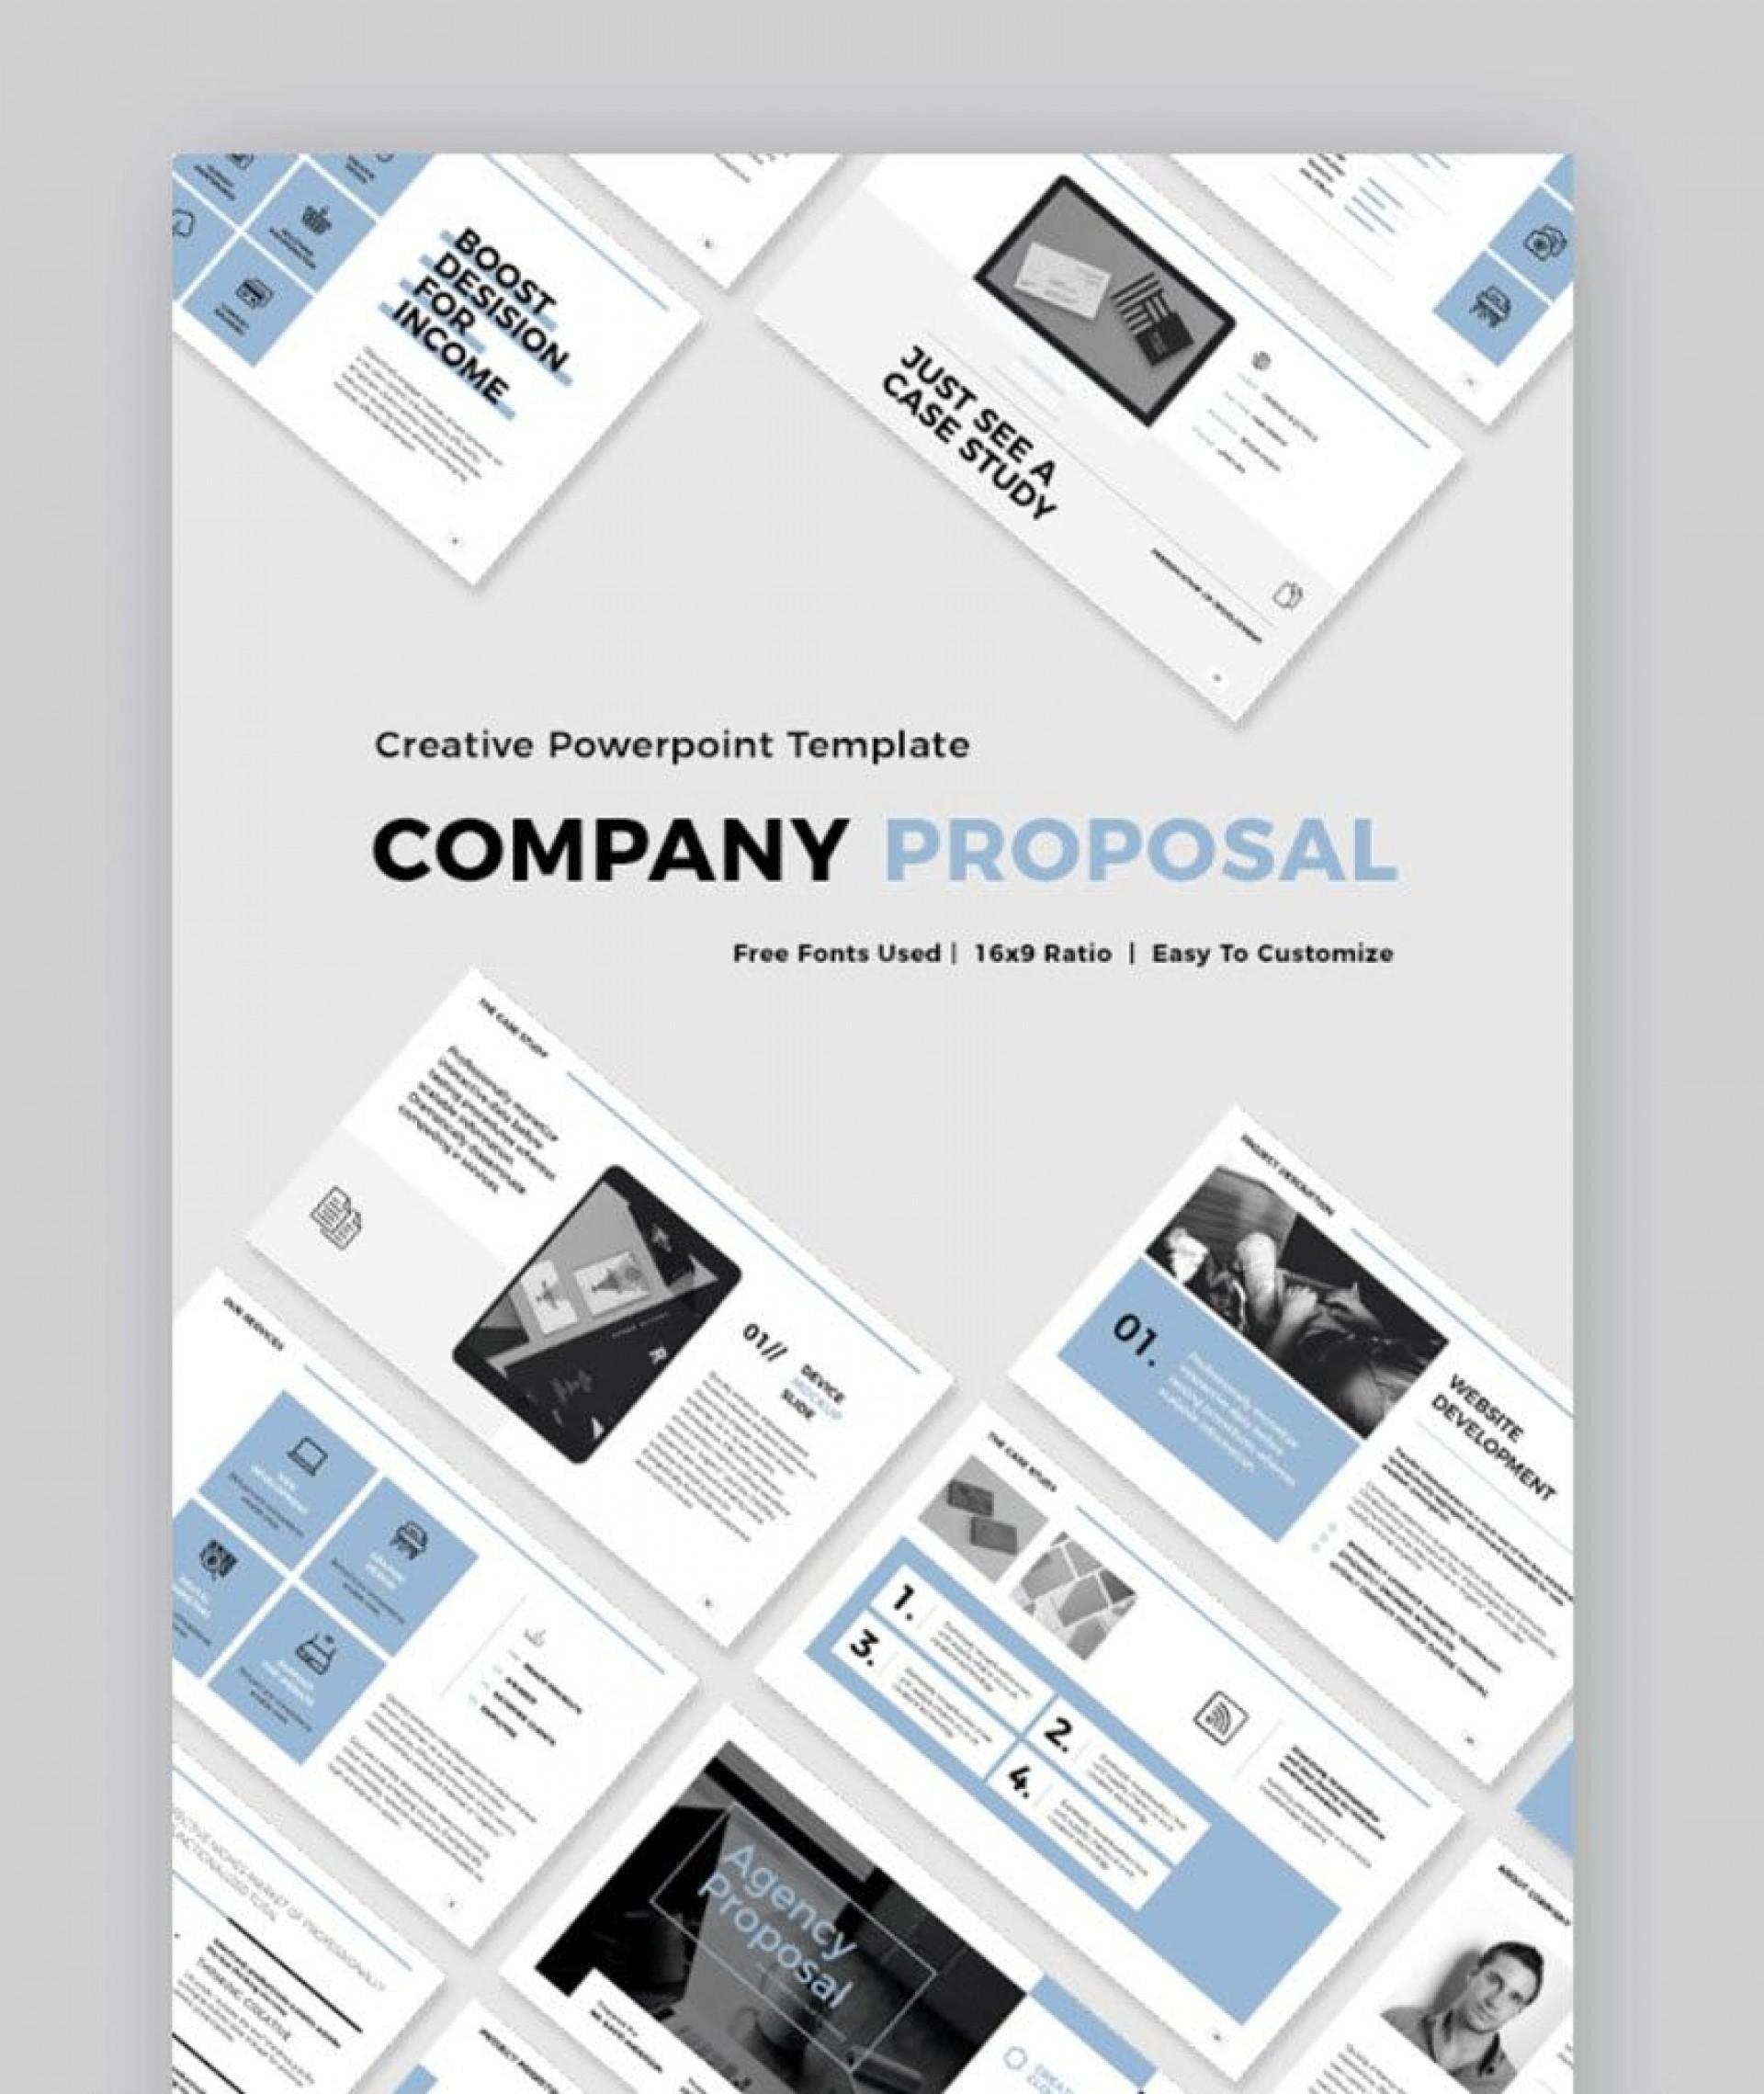 003 Phenomenal Web Development Proposal Template Free Idea 1920